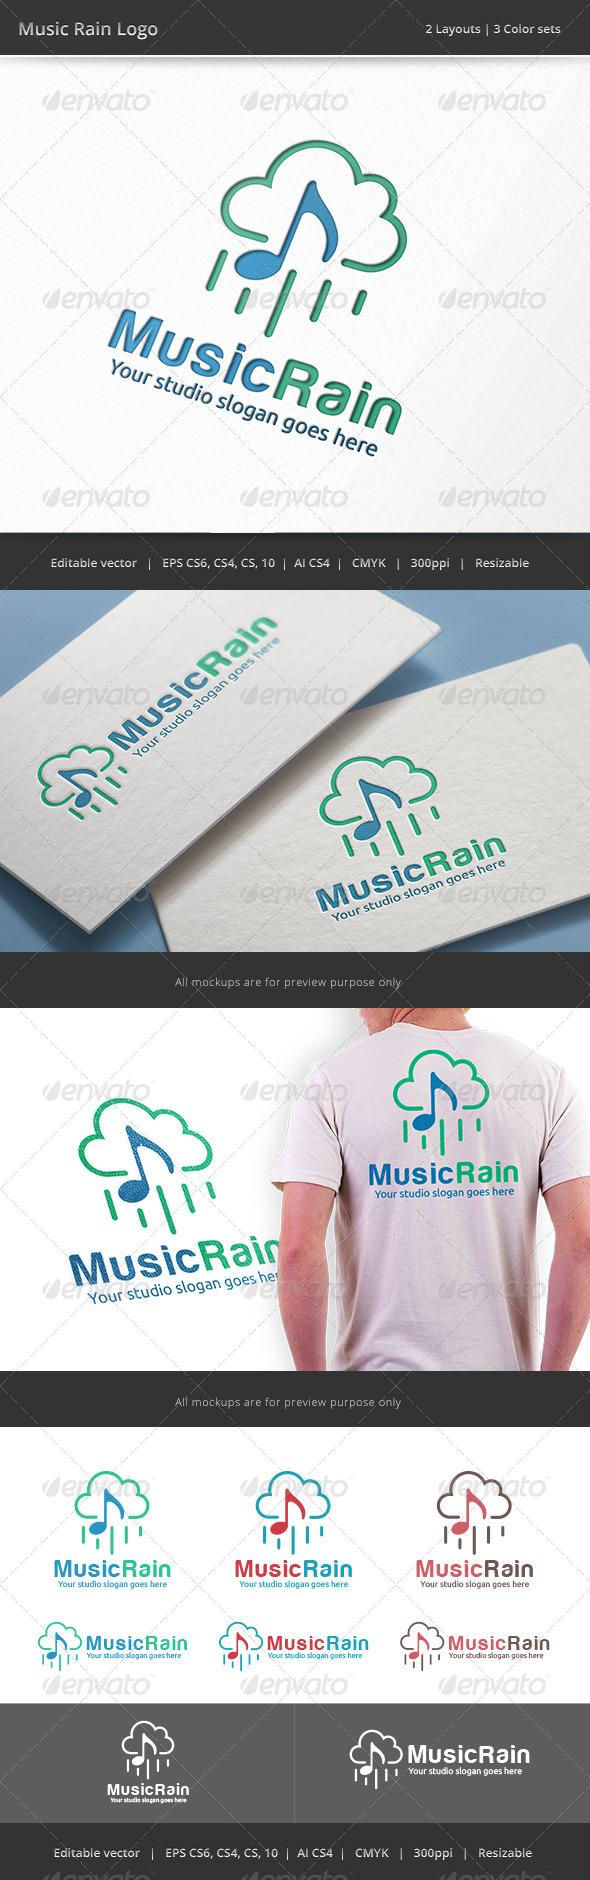 GraphicRiver Music Rain Logo 8436968